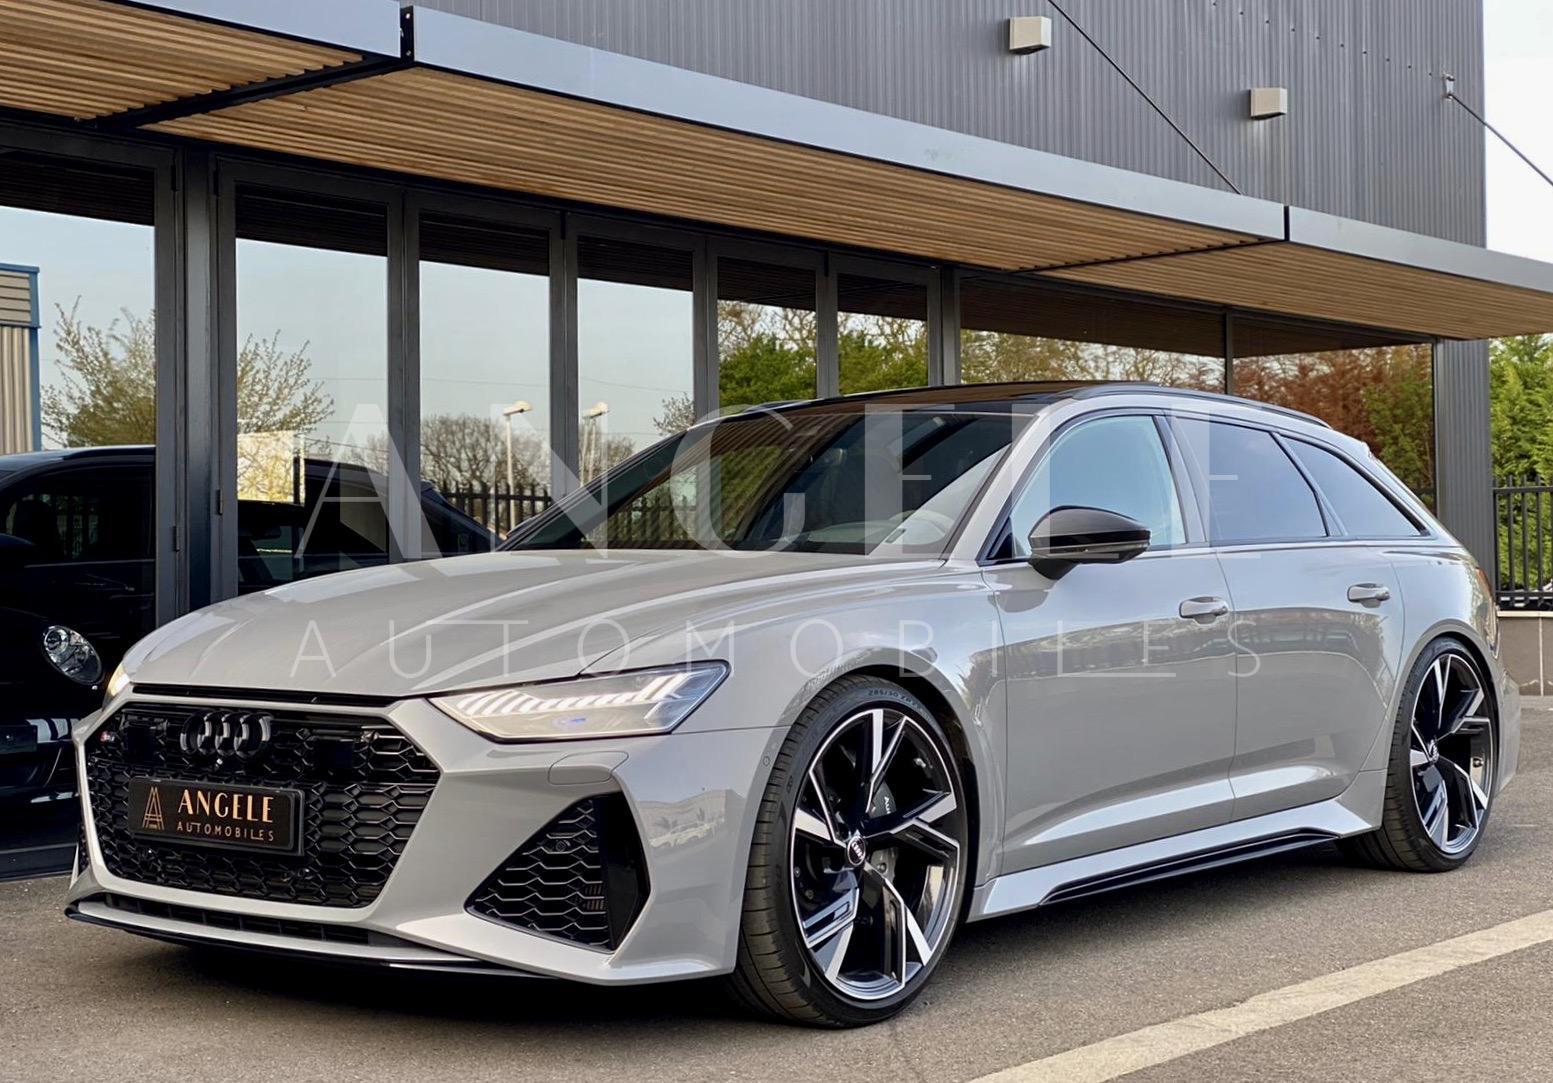 AUDI RS6 AVANT - Angele Automobiles TOULOUSE